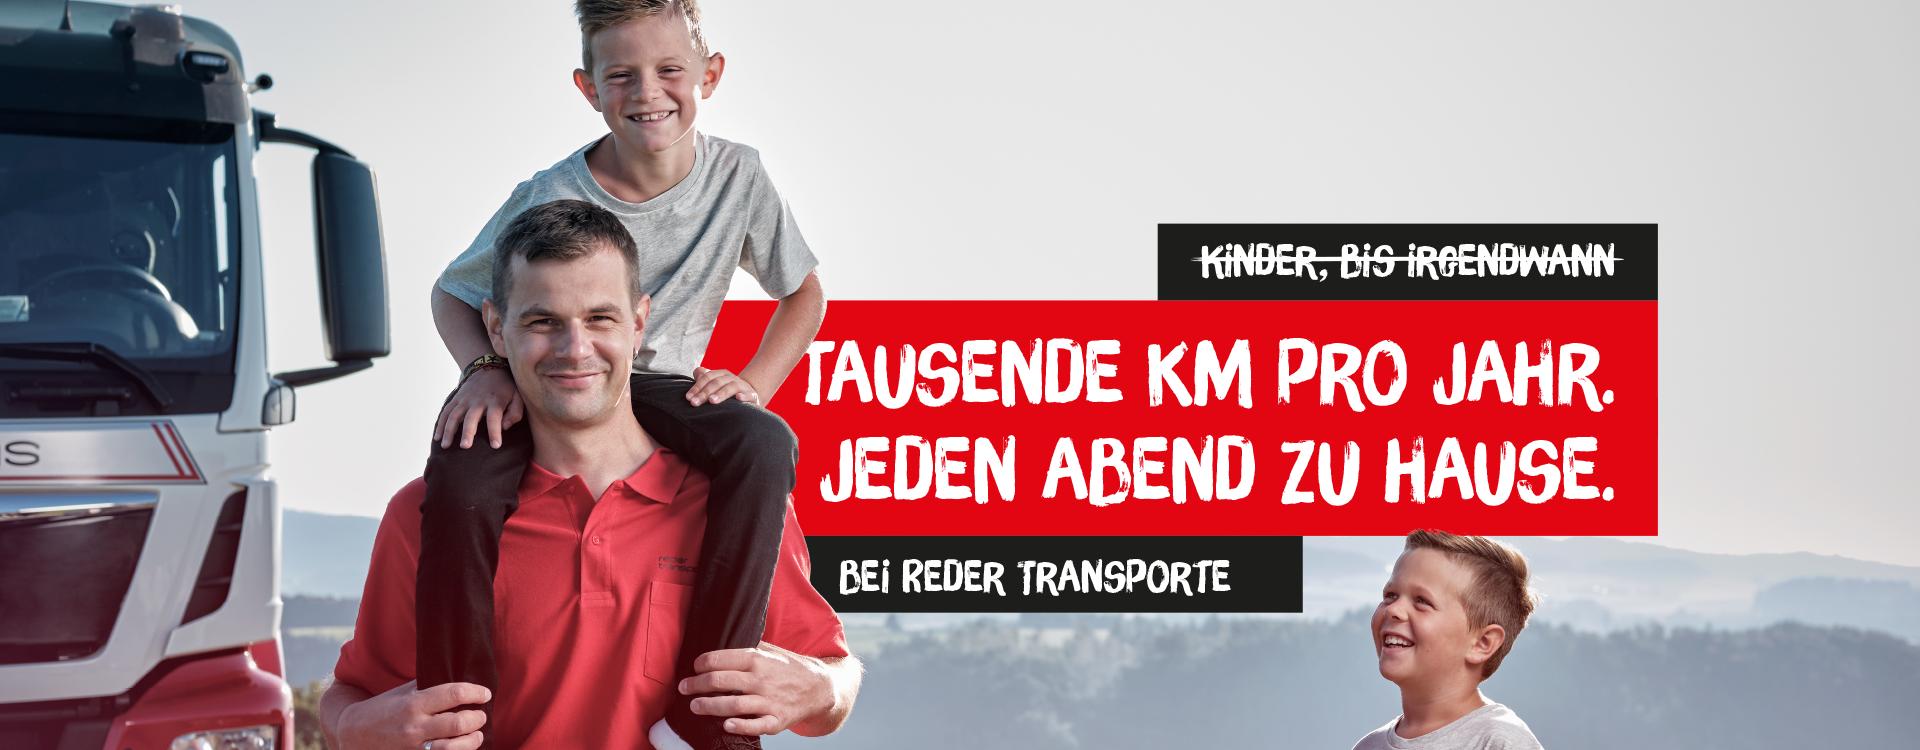 REDER Transporte | Markus | Tausende Kilometer pro Jahr. Jeden Abend zu Hause.